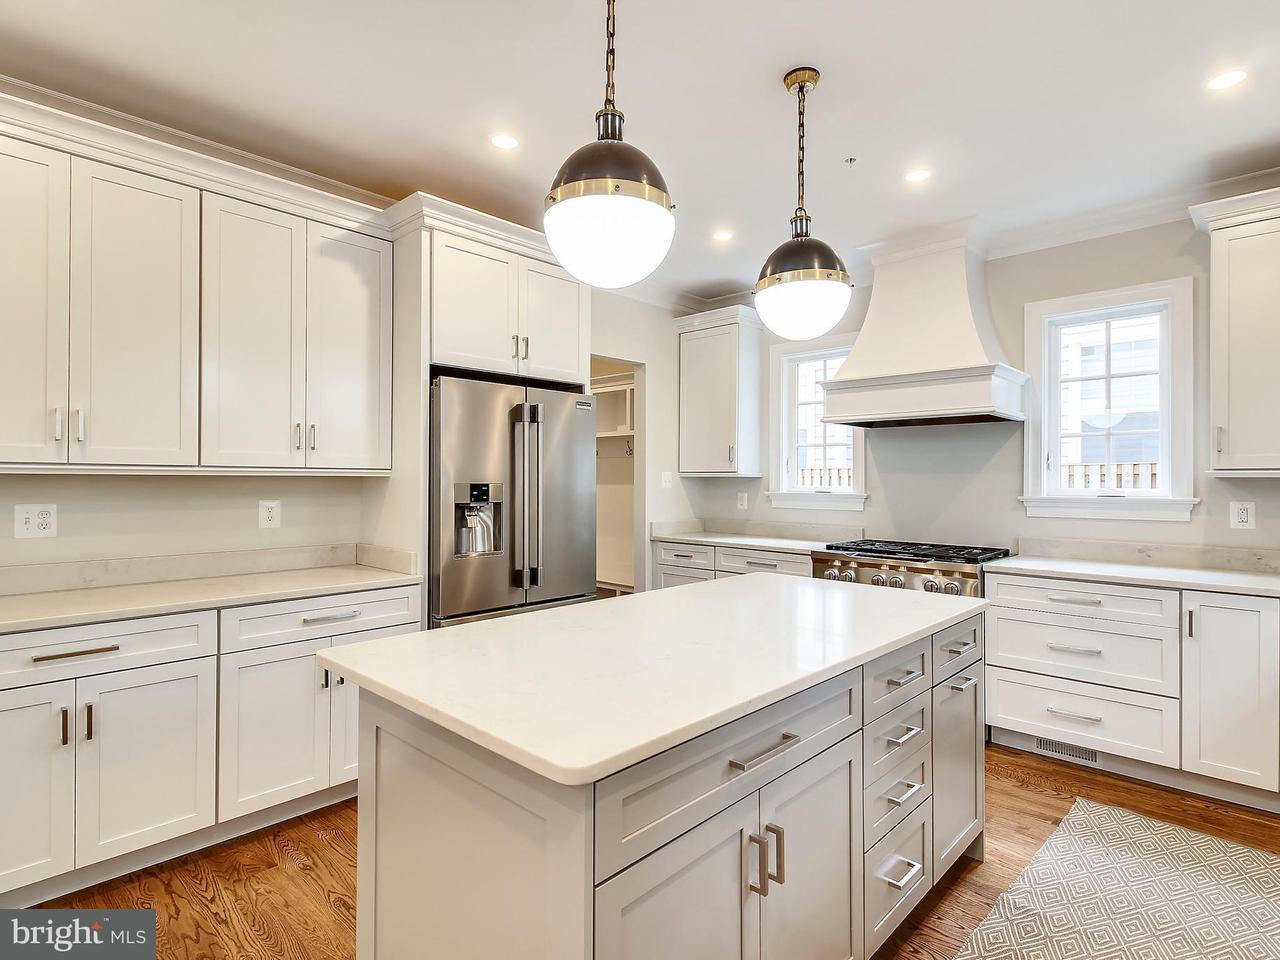 단독 가정 주택 용 매매 에 4106 WARNER Street 4106 WARNER Street Kensington, 메릴랜드 20895 미국